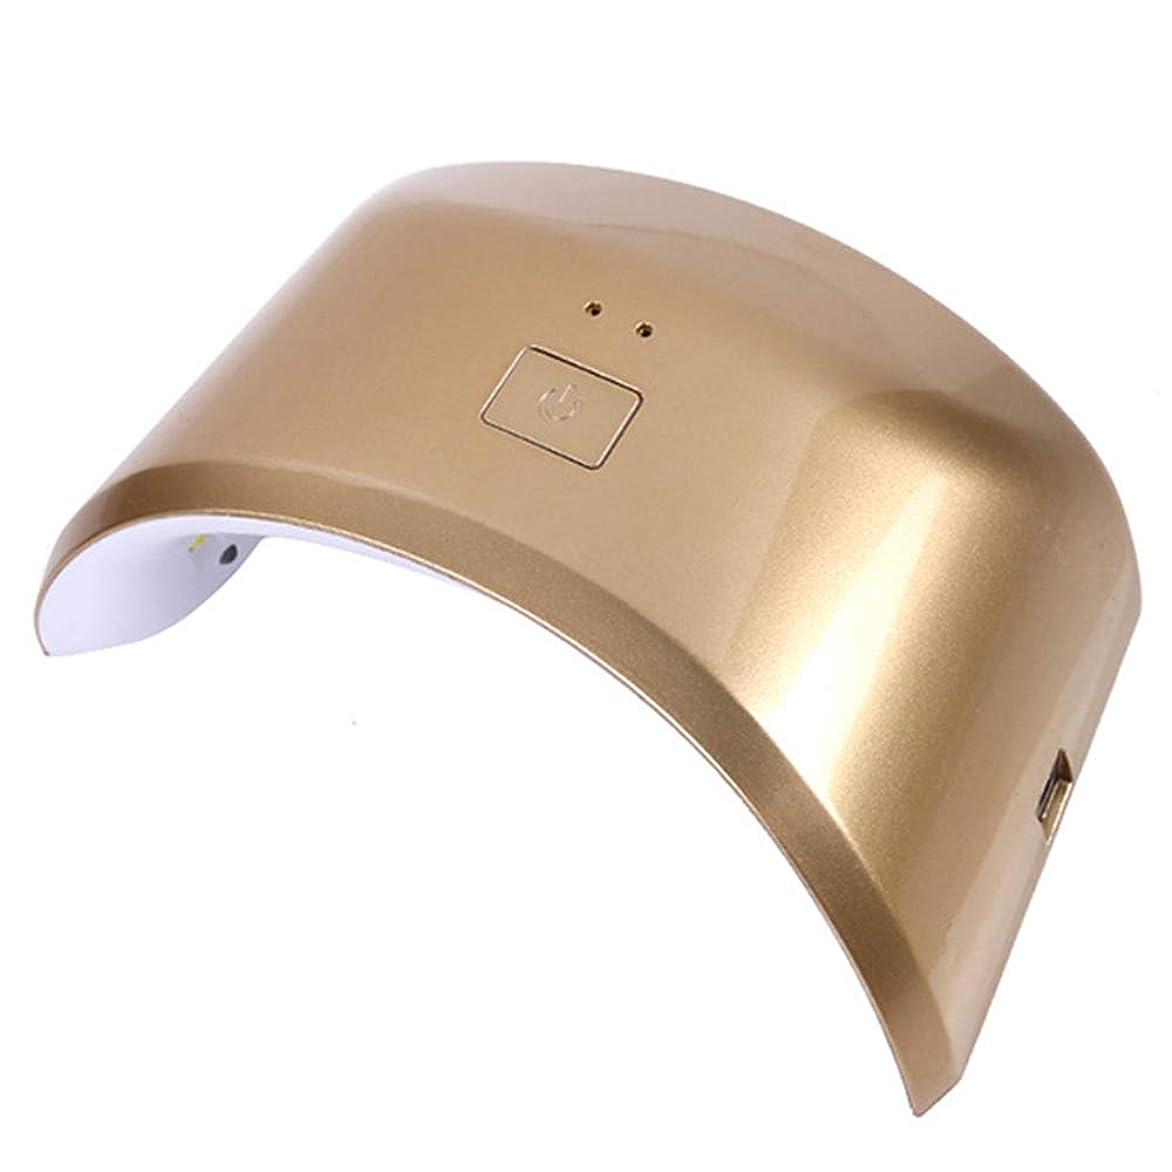 ネイル光線療法機 ネイルドライヤー - ネイルライトネイルドライヤーLCDディスプレイ30/60秒タイマーと自動センサープロフェッショナル硬化ライト